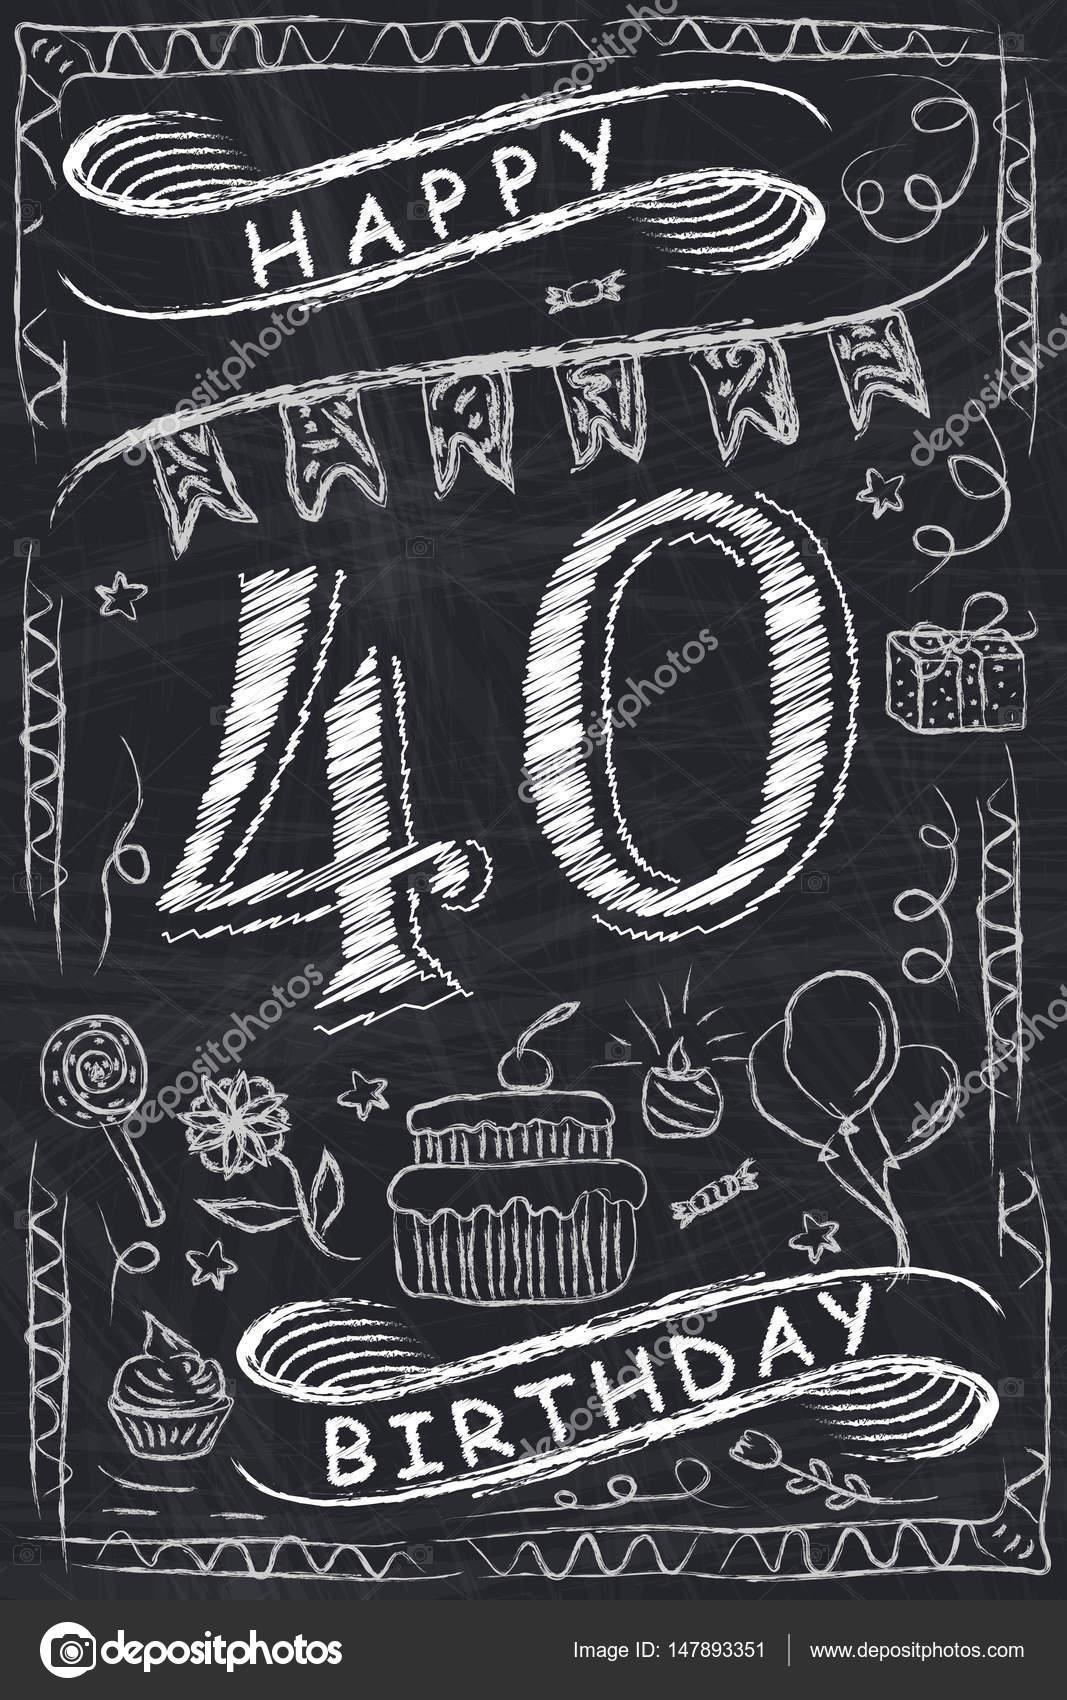 födelsedagskort 40 år Årsdag födelsedagen kort Design på svarta tavlan. 40 år — Stock  födelsedagskort 40 år